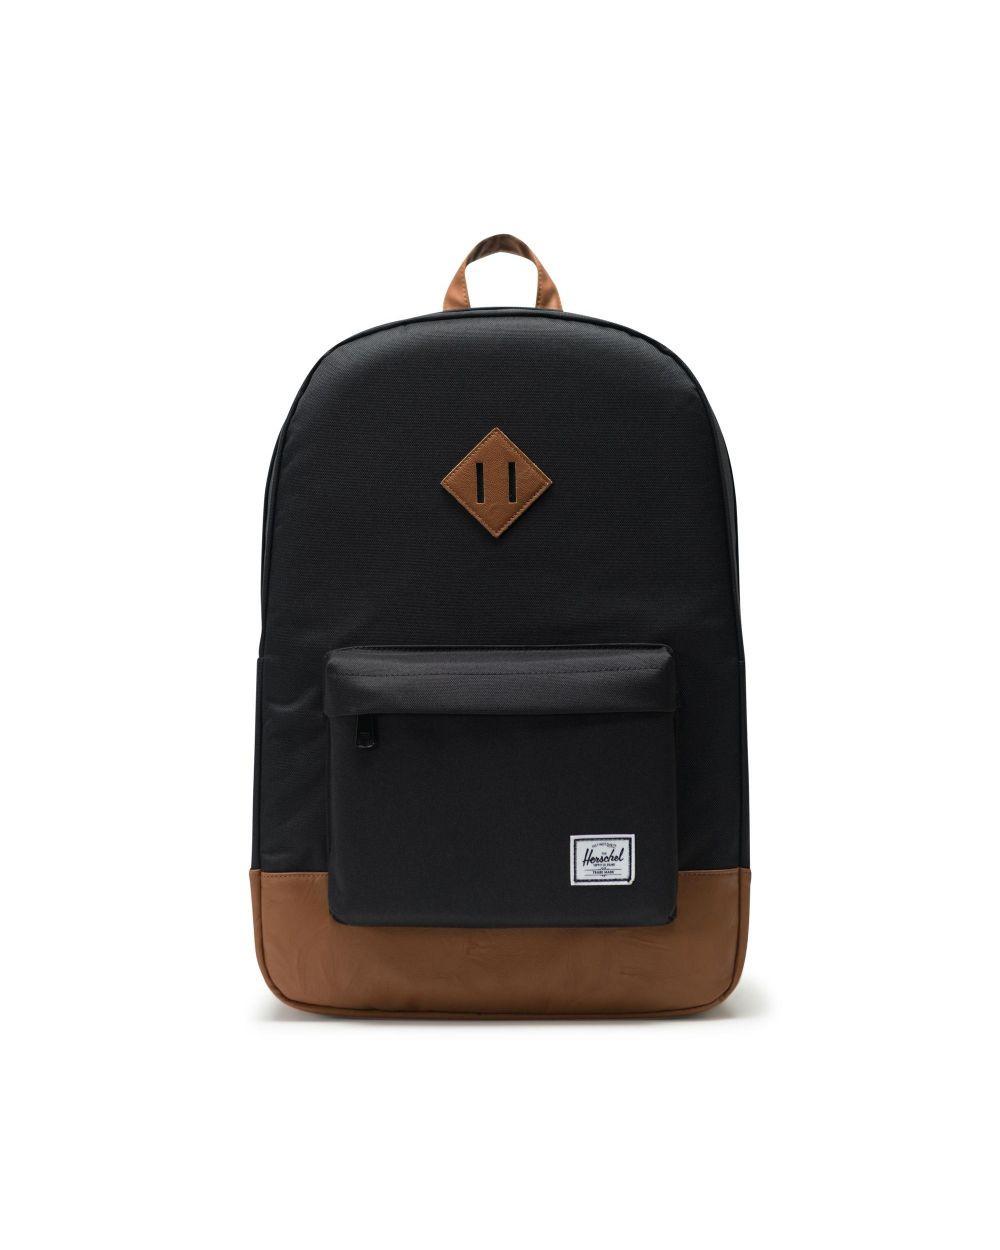 herschel hertiage backpack, best travel backpack for moms // sunnyinjune.com